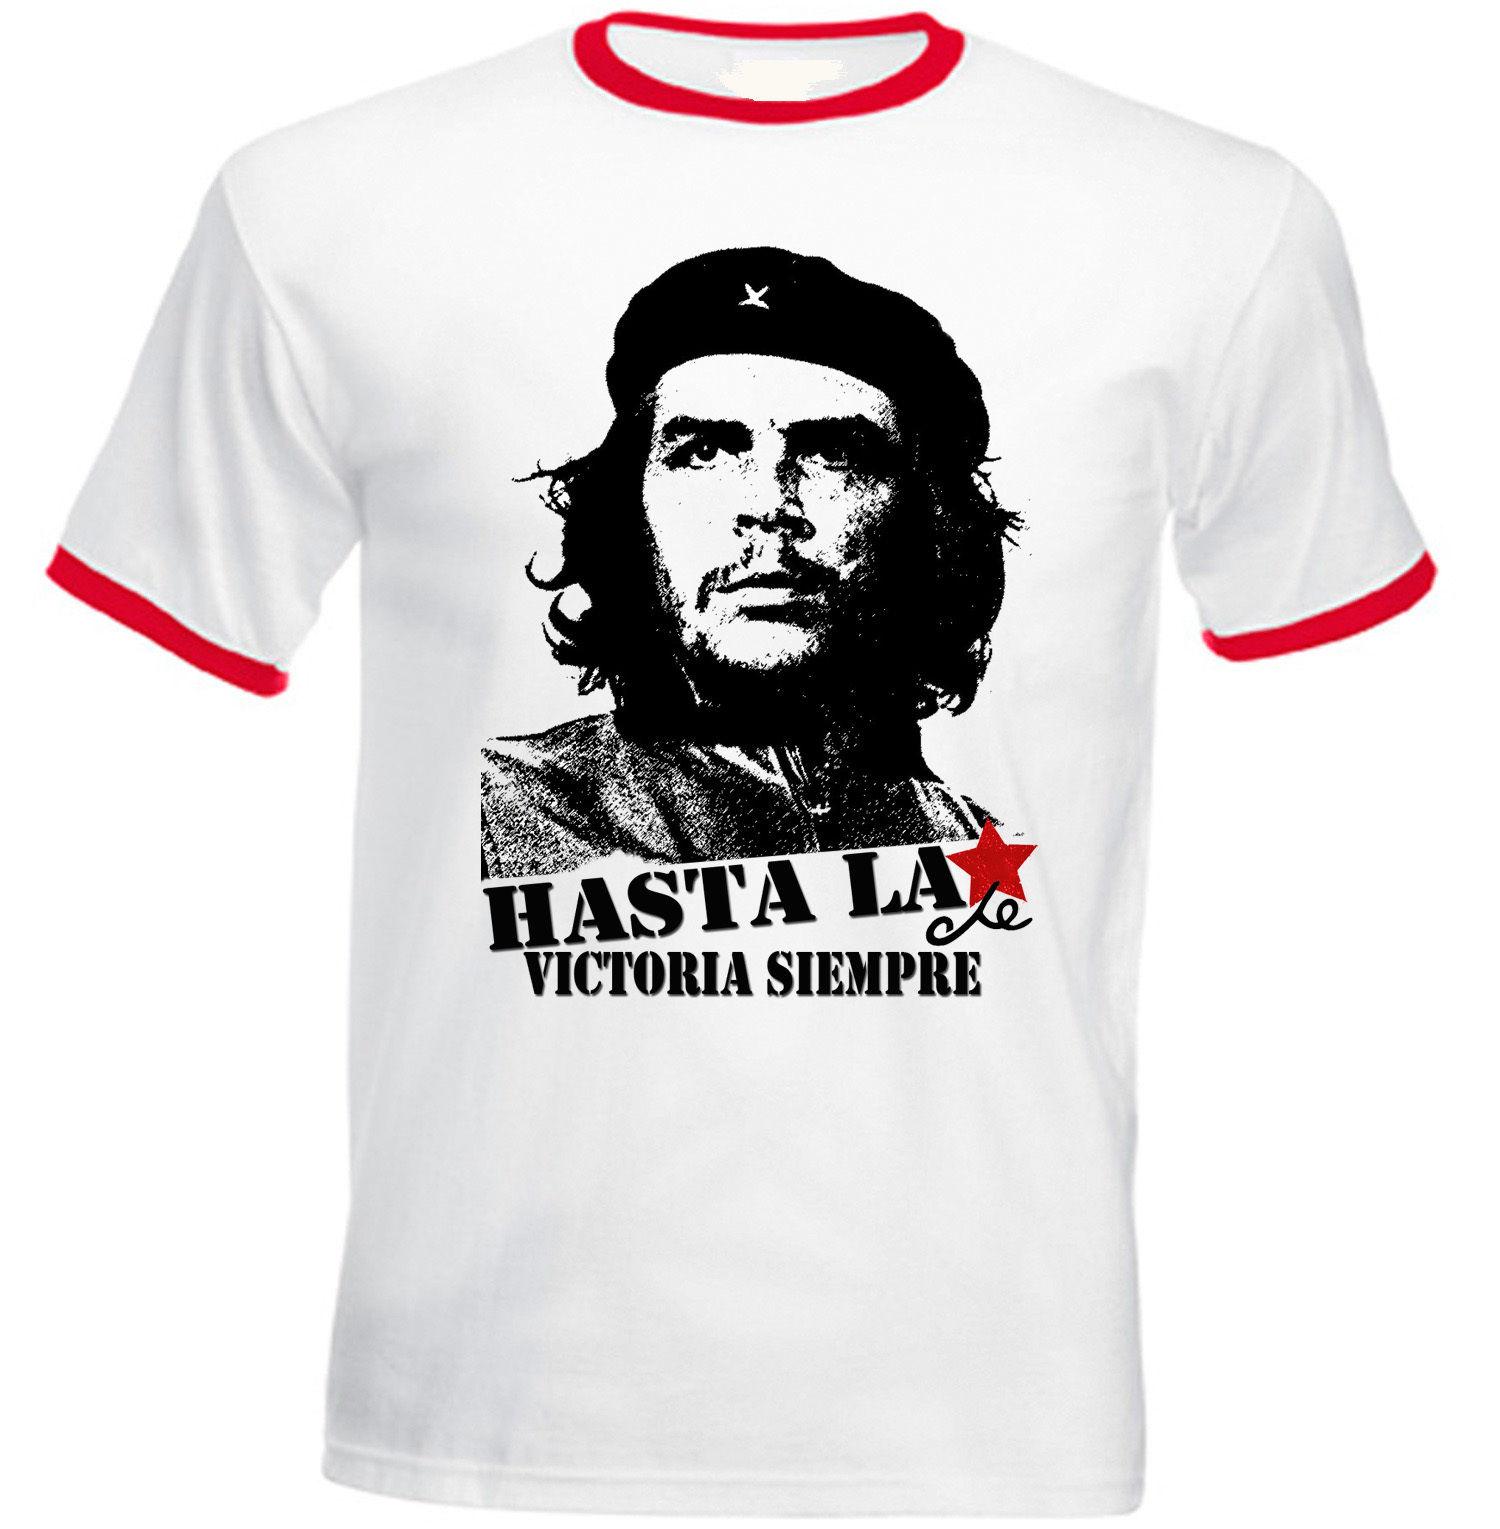 Мужские футболки, летняя стильная модная мужская футболка Swag, горячая Распродажа, CHE GUEVARA-новая хлопковая Красная футболка с кольцом, мужска...